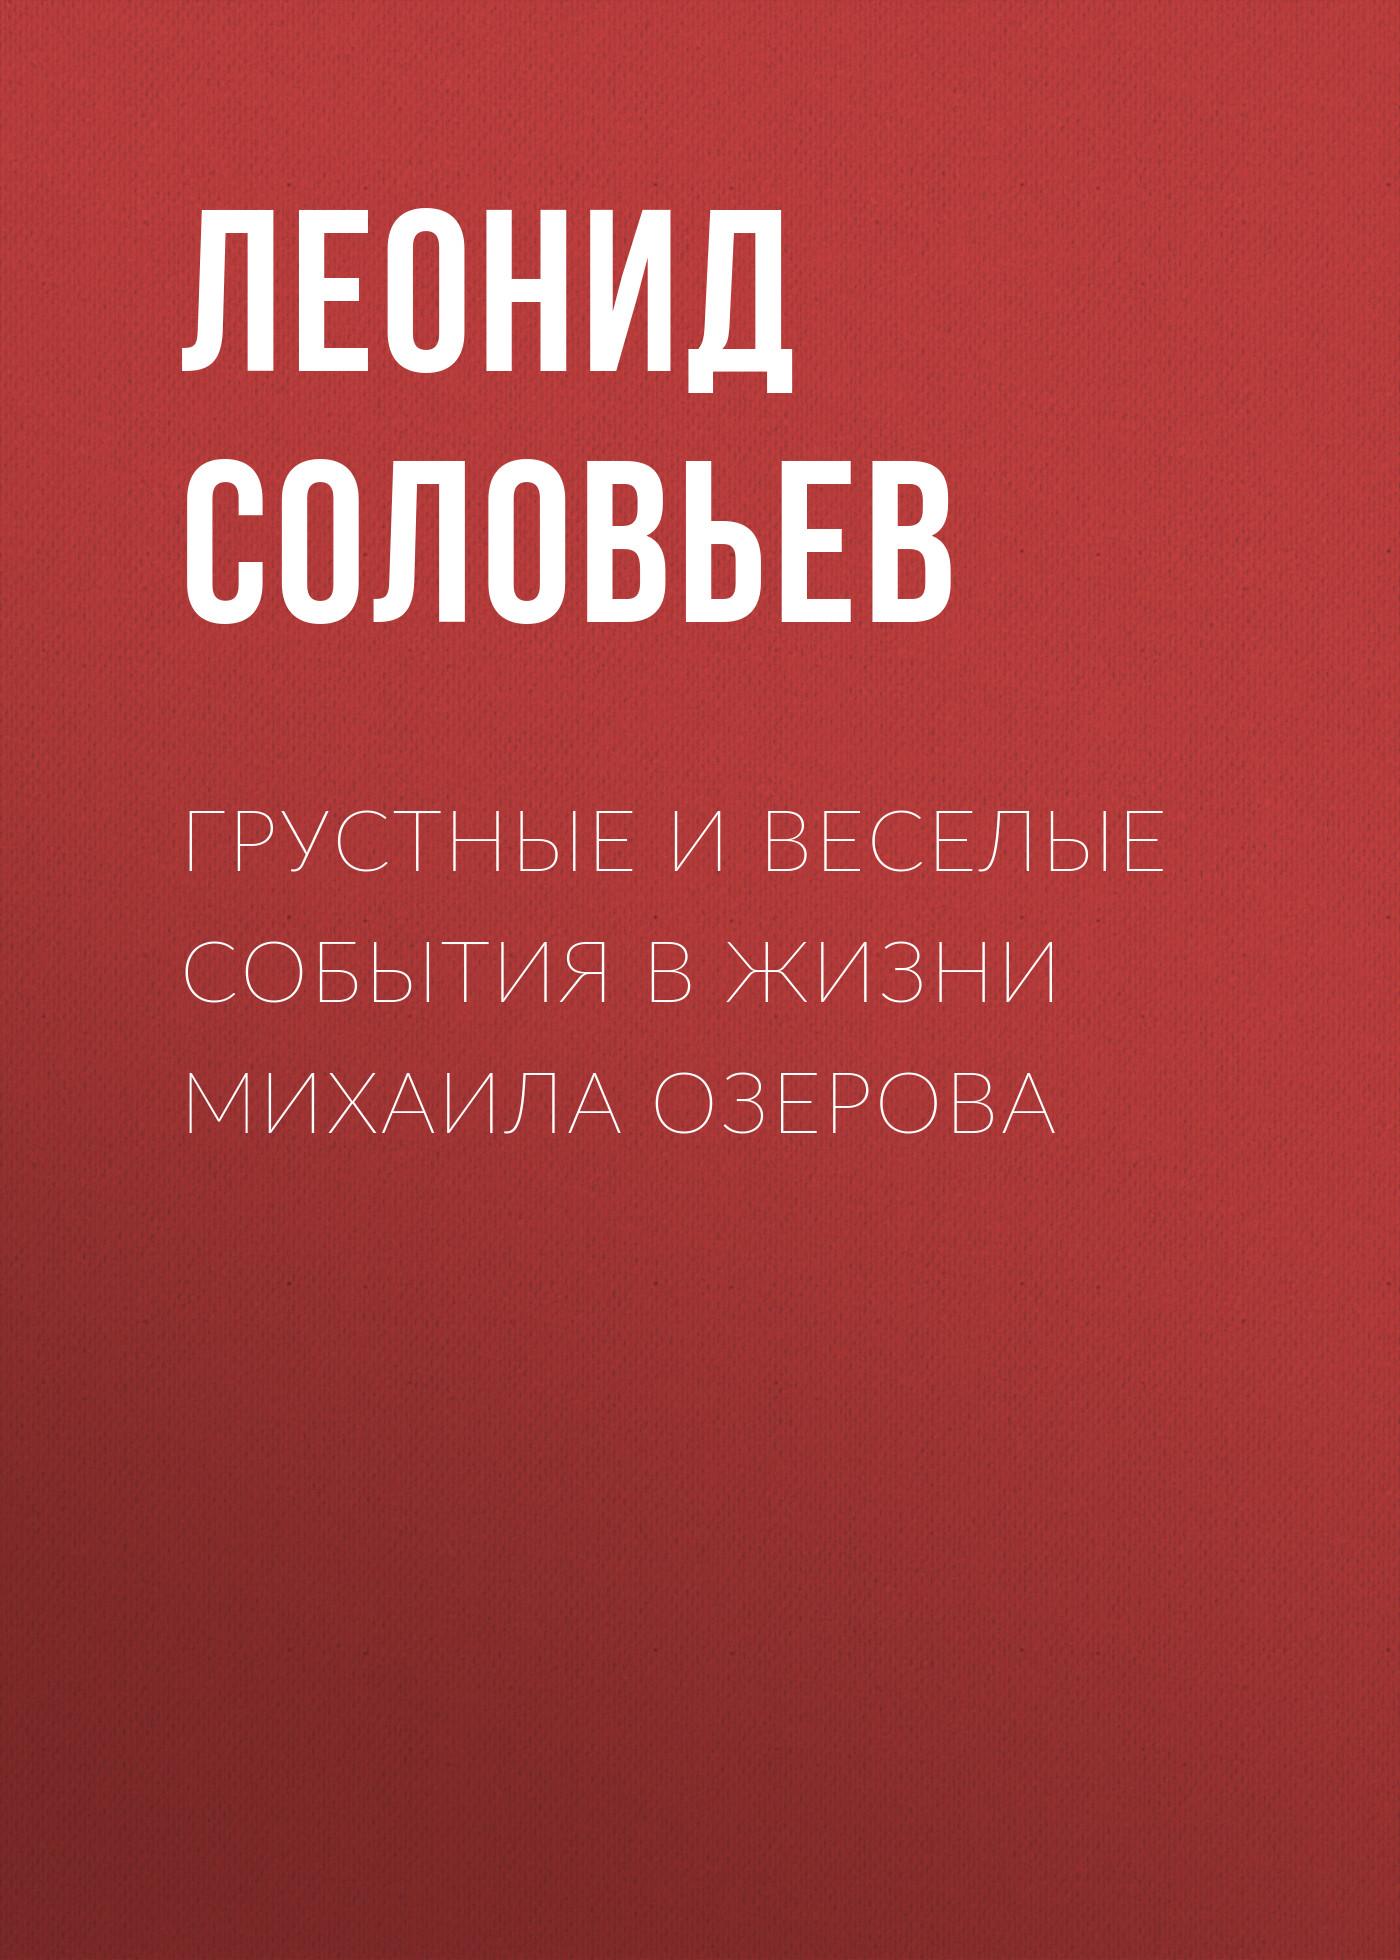 Грустные и веселые события в жизни Михаила Озерова